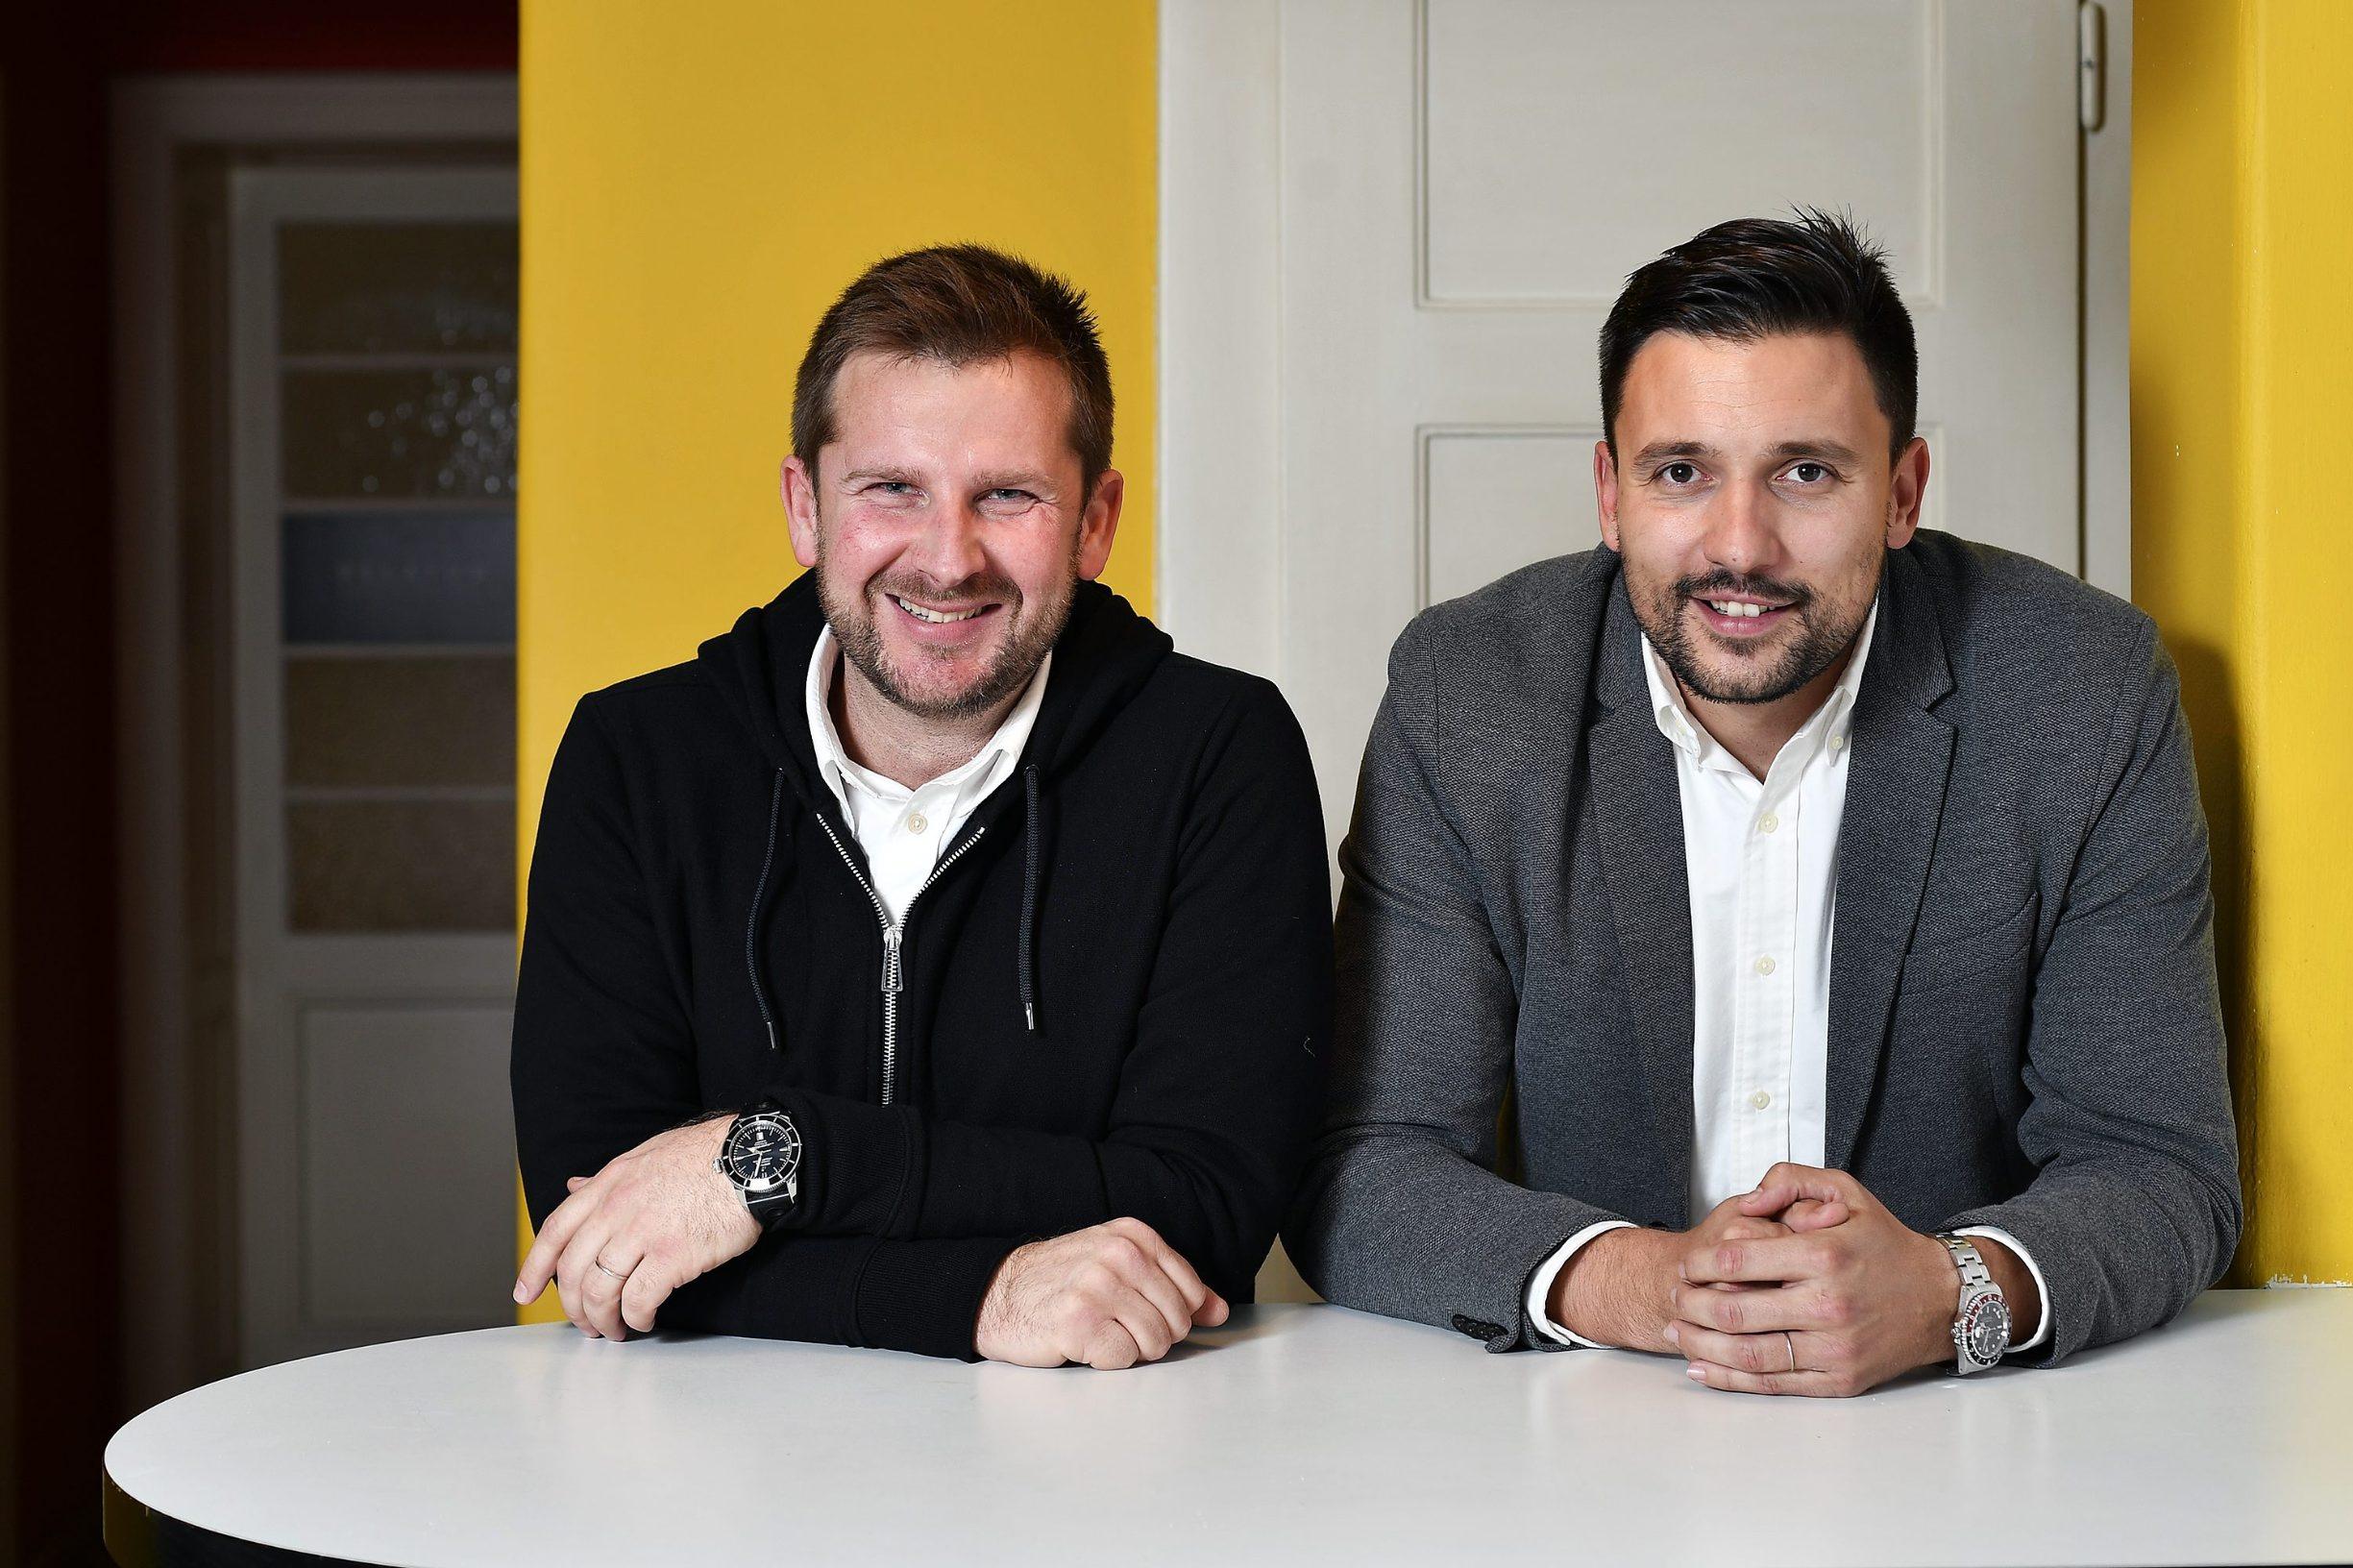 Igor Kordić i Tomislav Zovko, suosnivači tvrtke Irundo